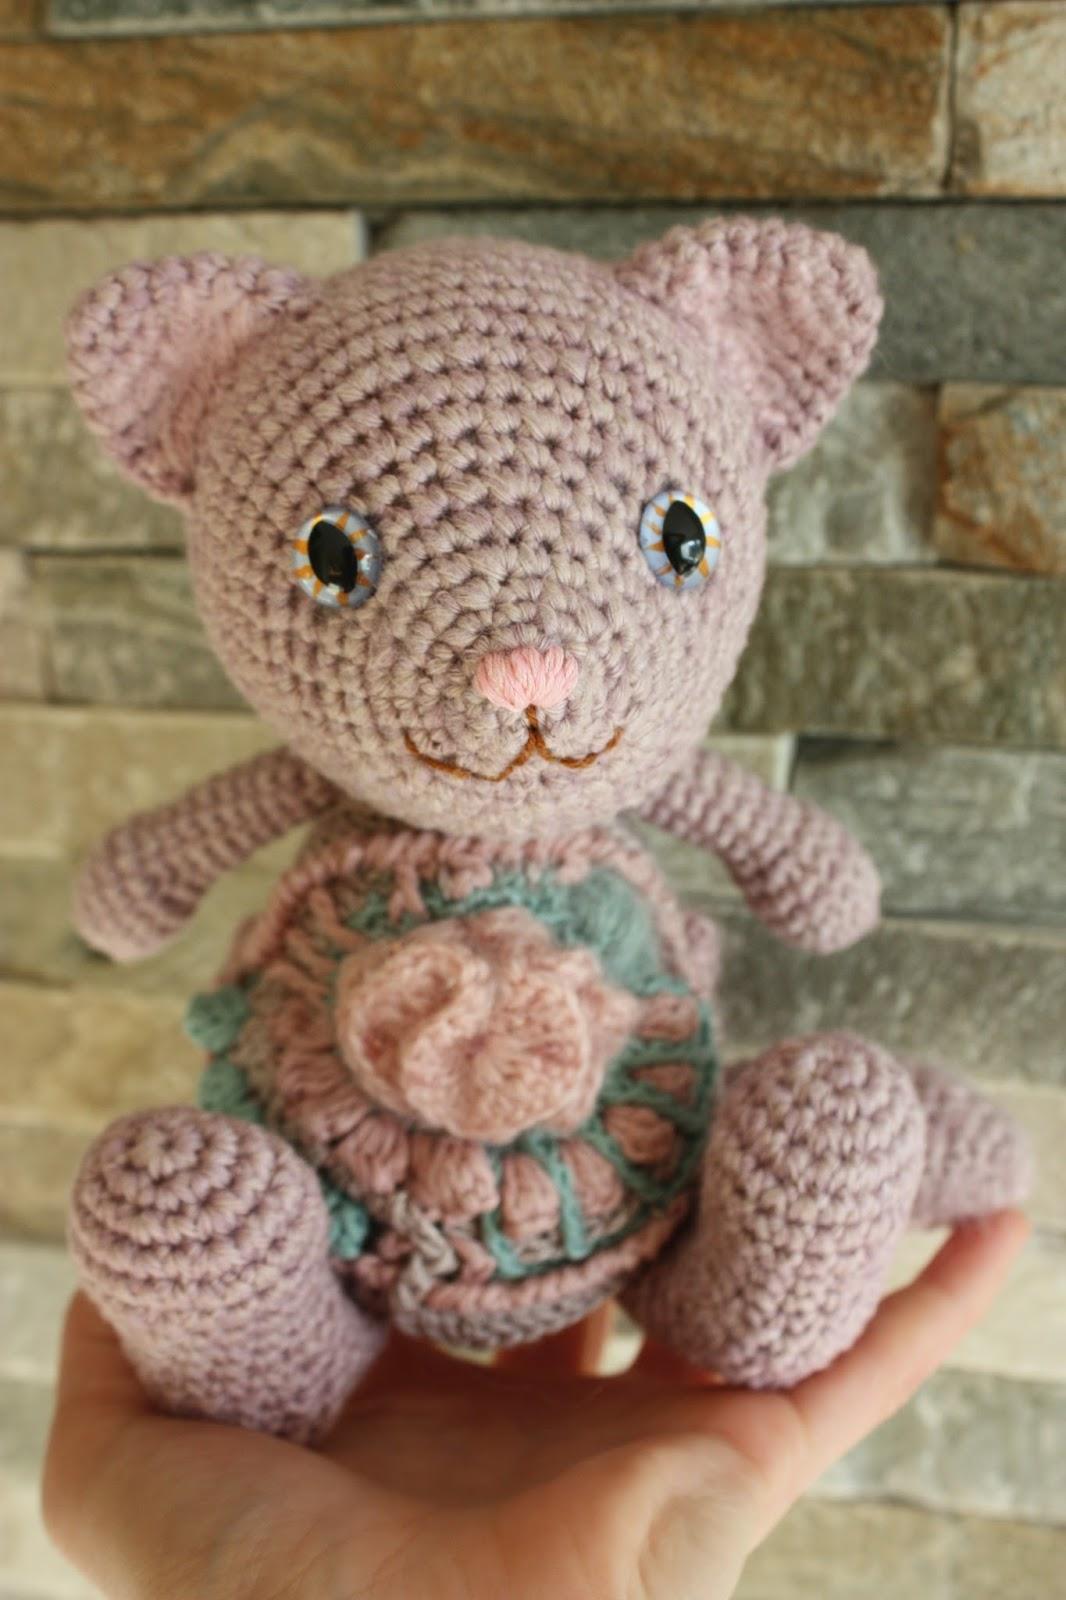 Amigurumi Crochet Toys : HAPPYAMIGURUMI: Freeform Crochet and Amigurumi Toys